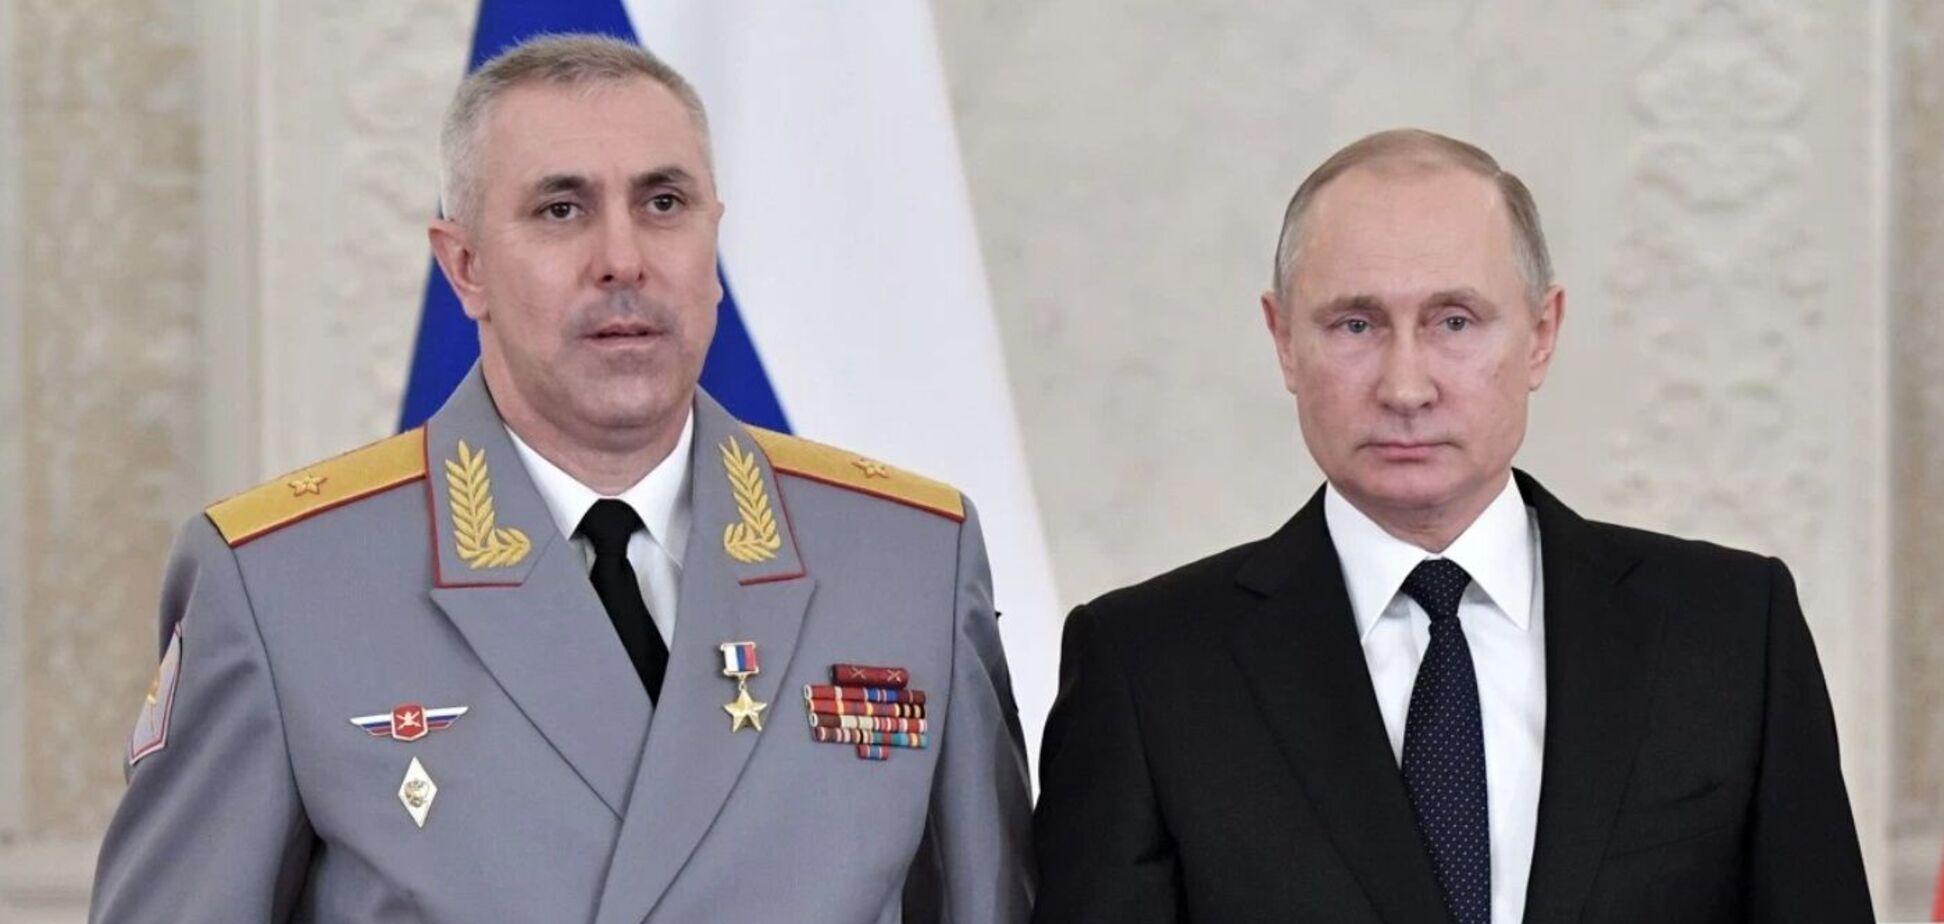 Рустам Мурадов із президентом РФ Володимиром Путіним